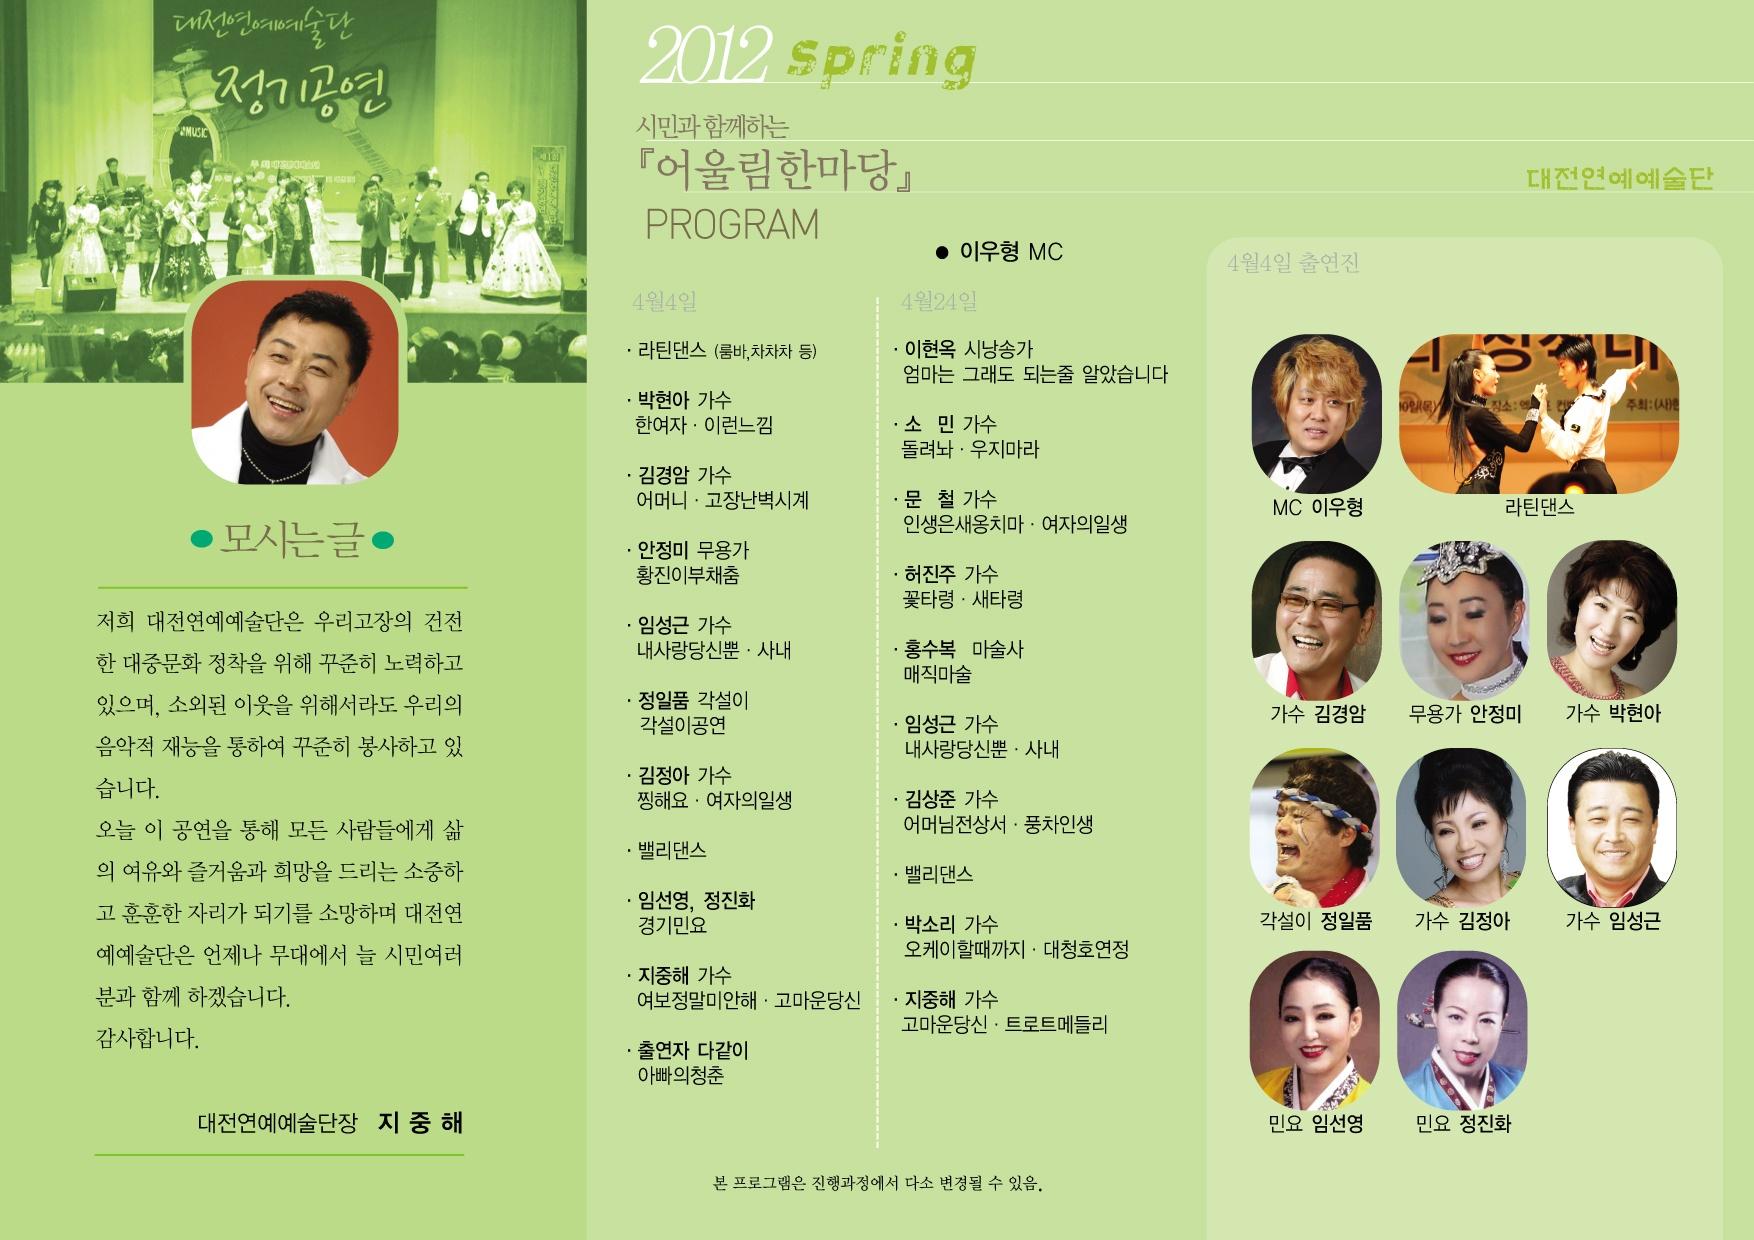 대전연예예술단『시민과 함께하는 어울림한마당』2.jpg